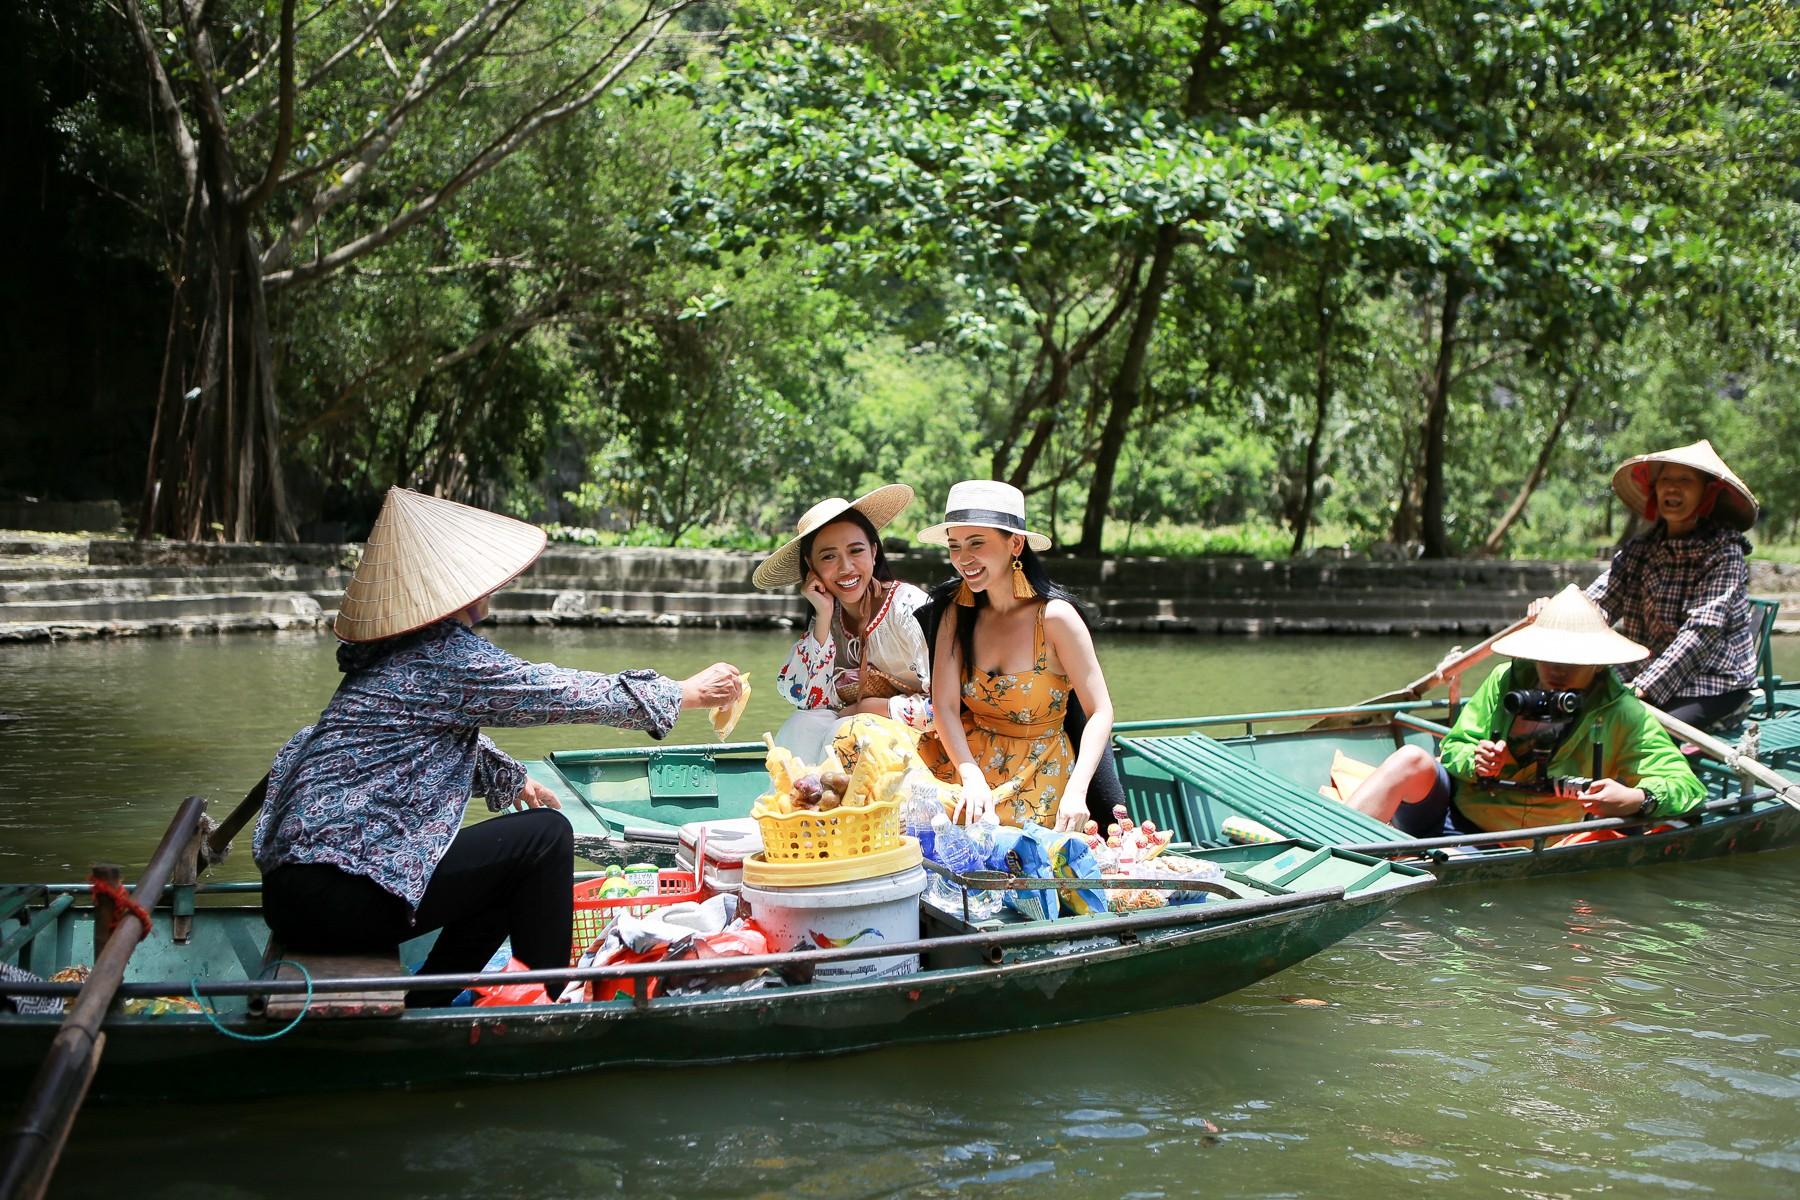 Hội ế Diệu Nhi - Sĩ Thanh - Yaya Trương Nhi bất ngờ gặp HLV Park Hang Seo tại Ninh Bình - Ảnh 5.